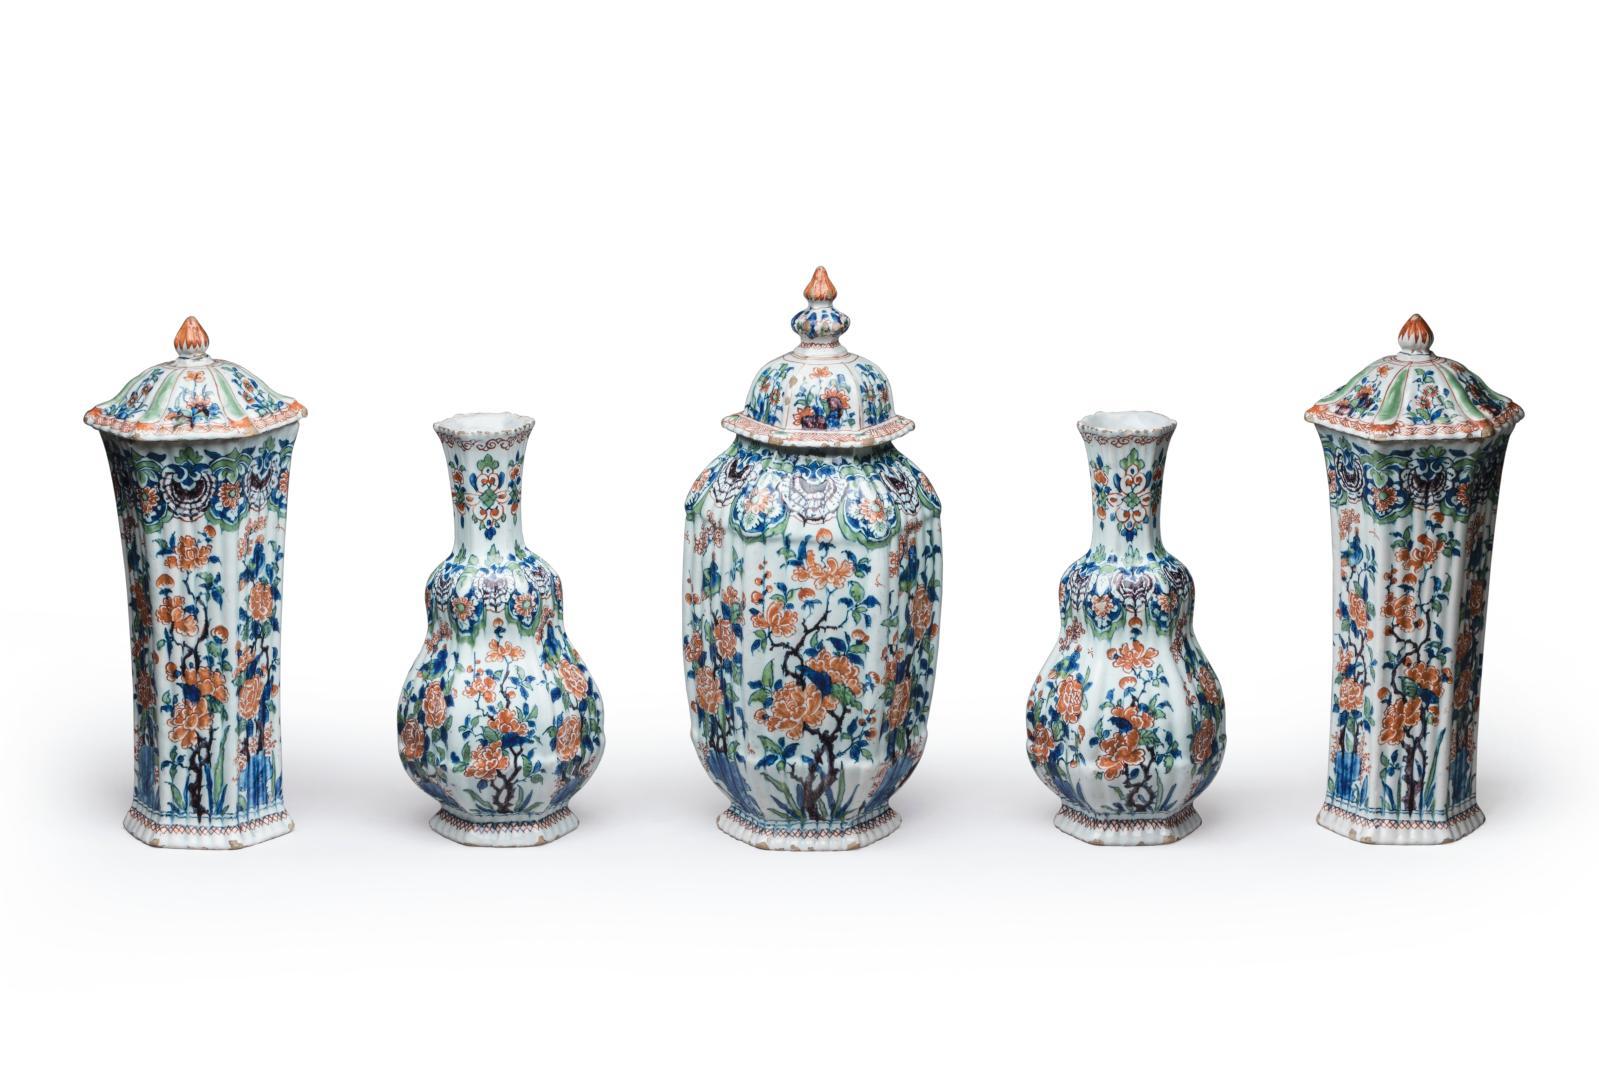 Delft, garniture de cinq vases formée d'une potiche couverte, deux vases de forme balustreet deux vases de forme cornet couverts à paroi côtelée, pre